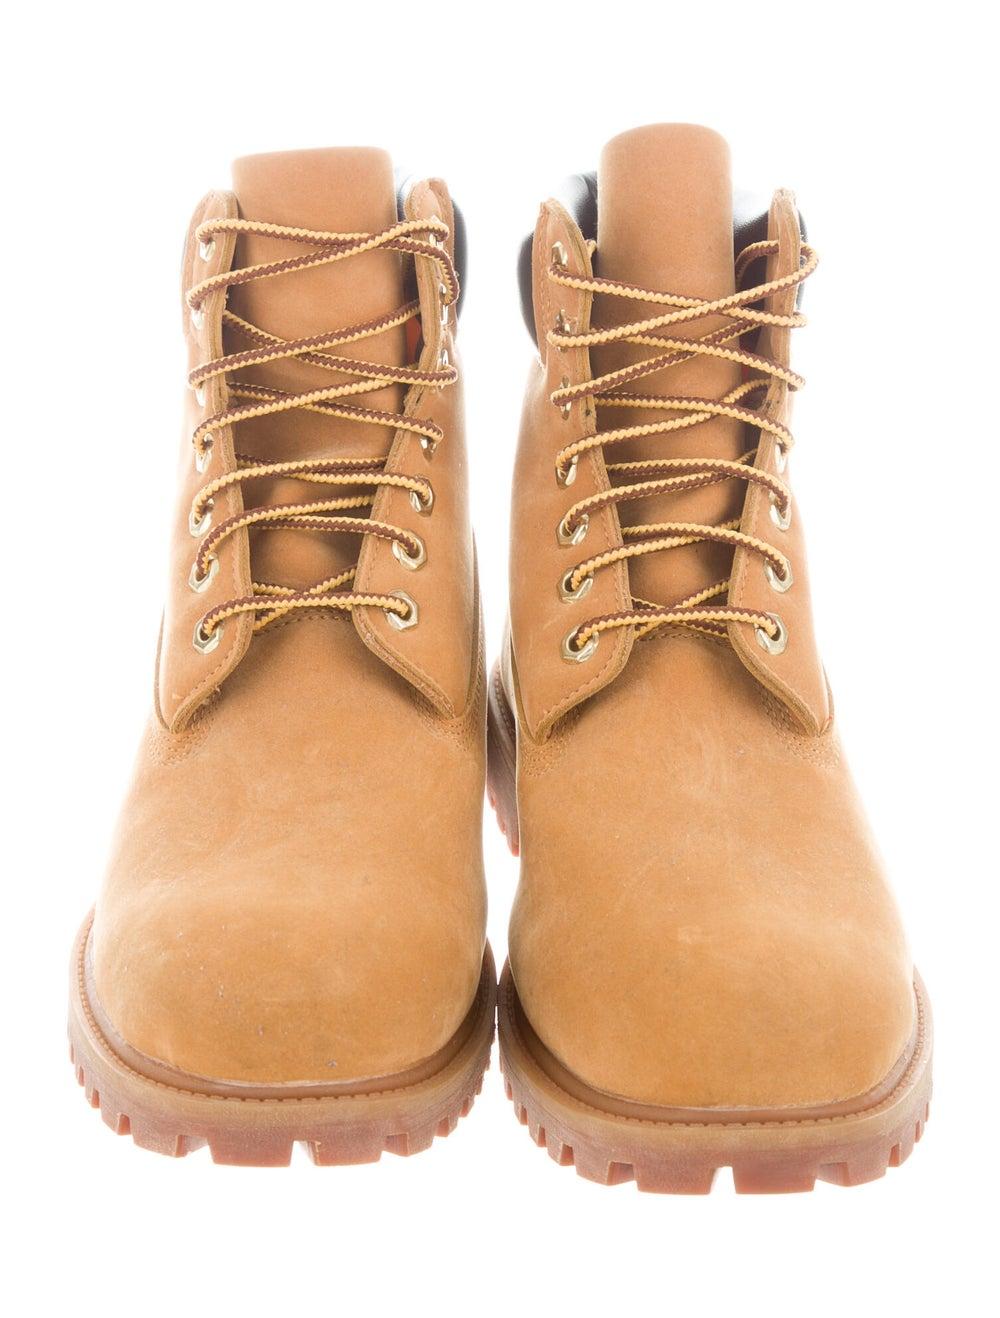 Timberland 6-Inch Premium Nubuck Hiking Boots - image 3